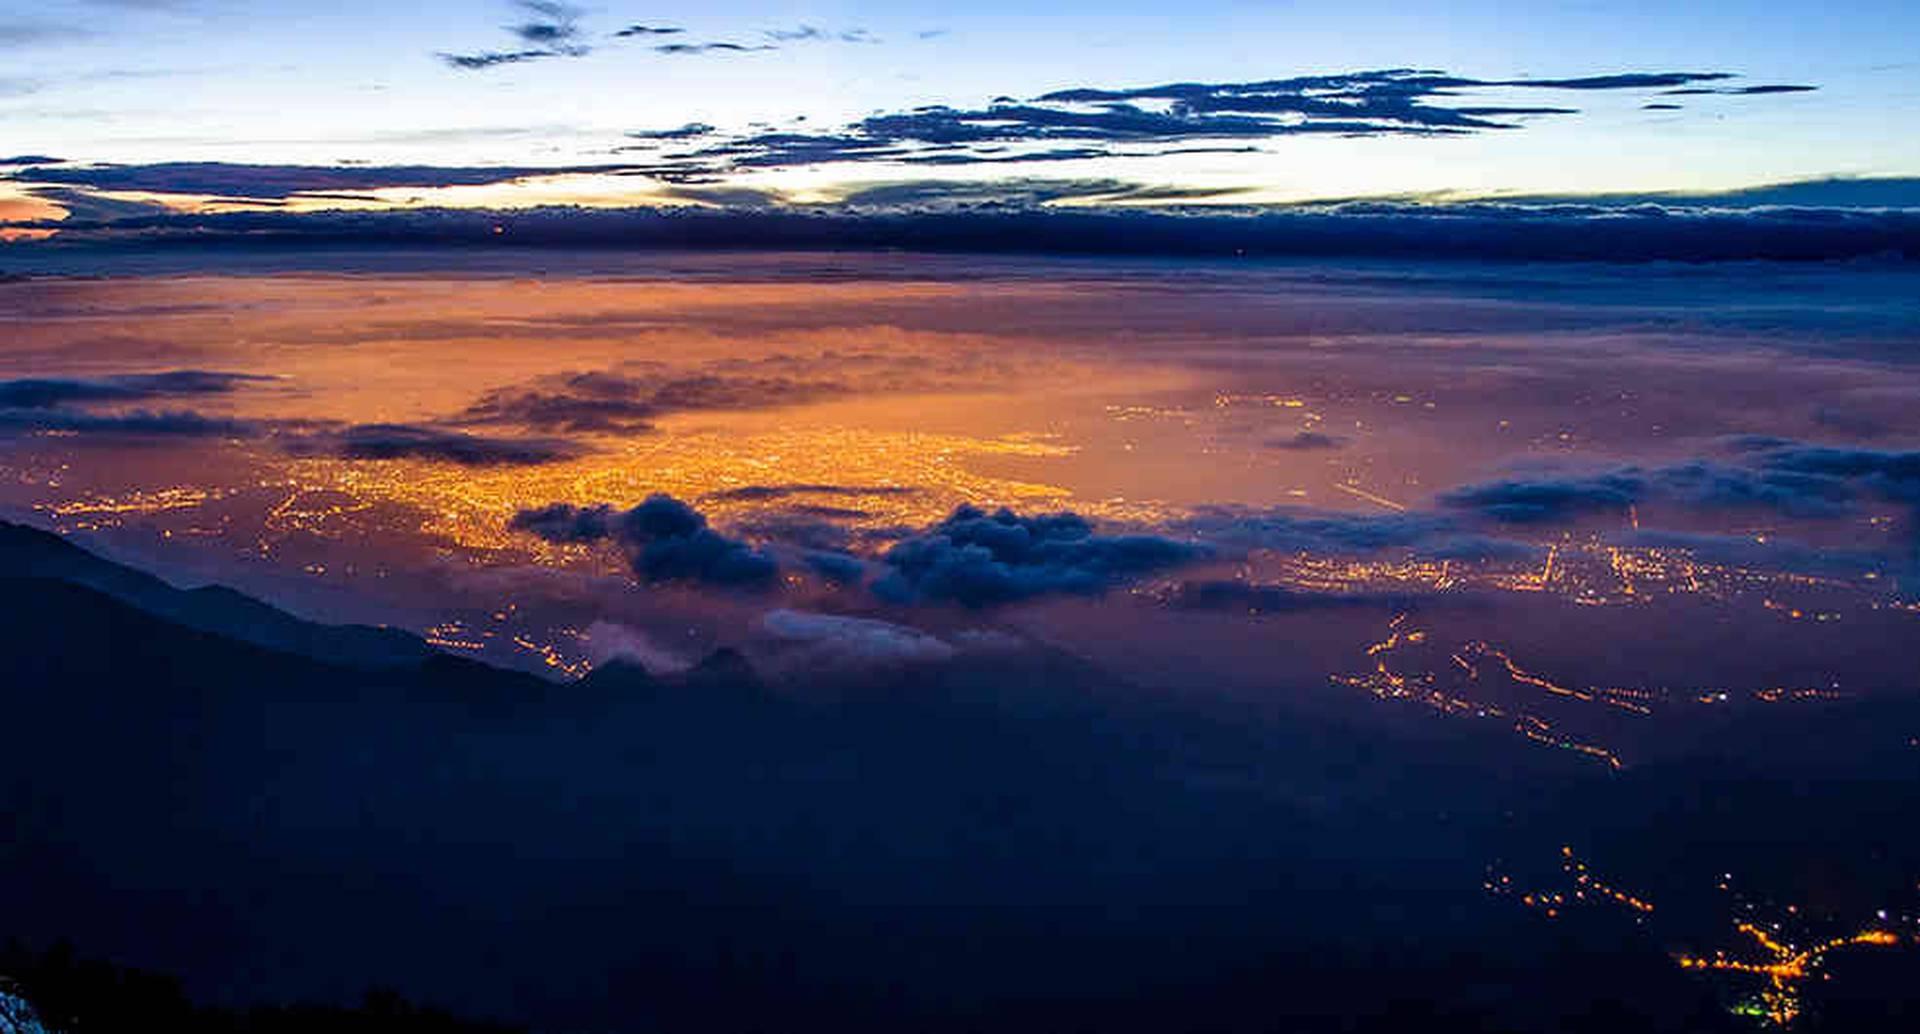 Por fin el Pacífico y la Orinoquia estarán conectados. Un anhelo de más de 100 años.